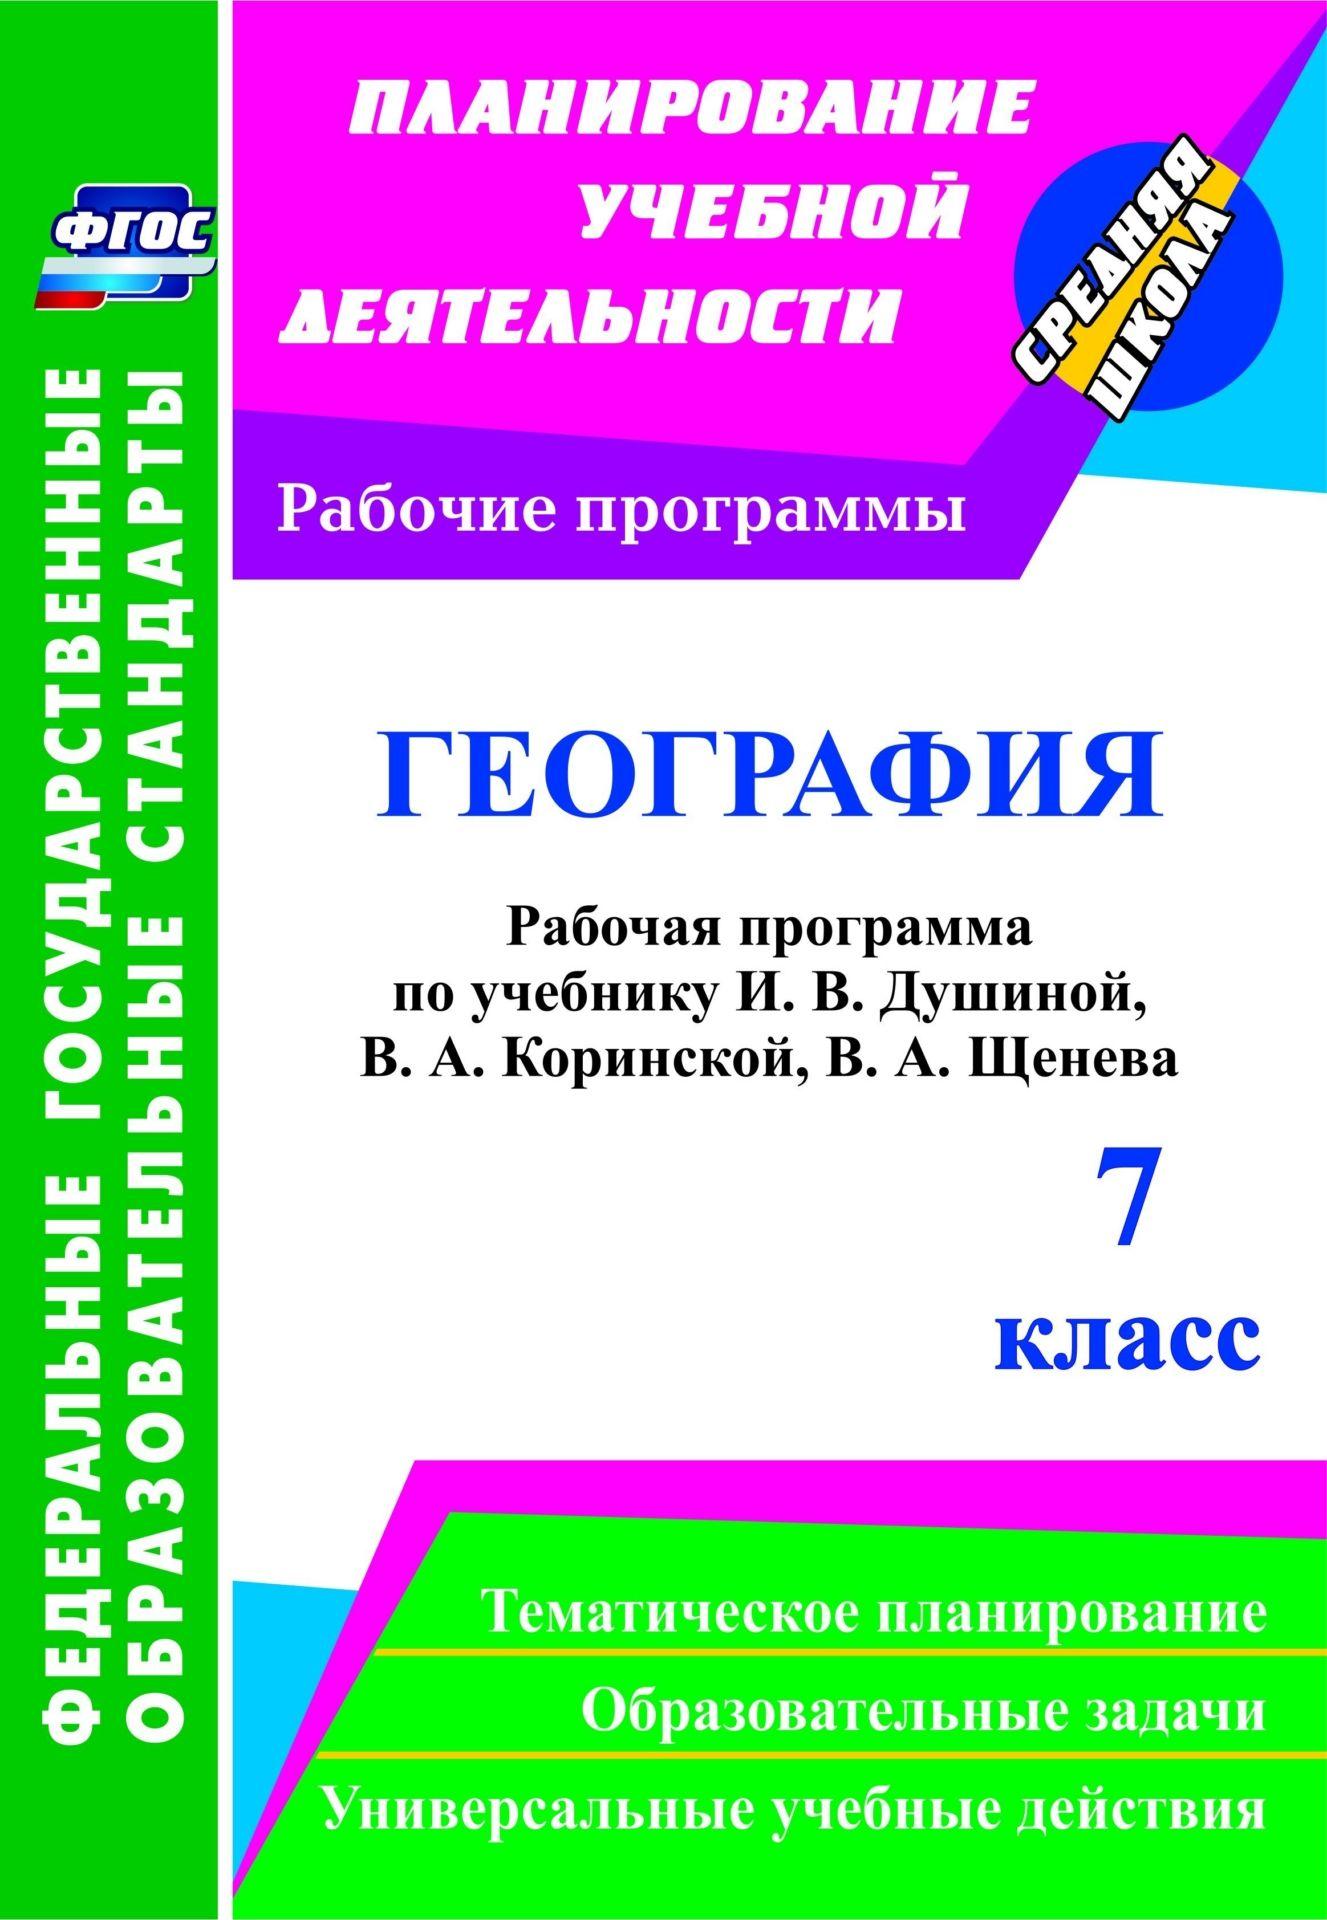 География. 7 класс: рабочая программа по учебнику И. В. Душиной, В. А. Коринской, В. А. Щенева. Программа для установки через Интернет